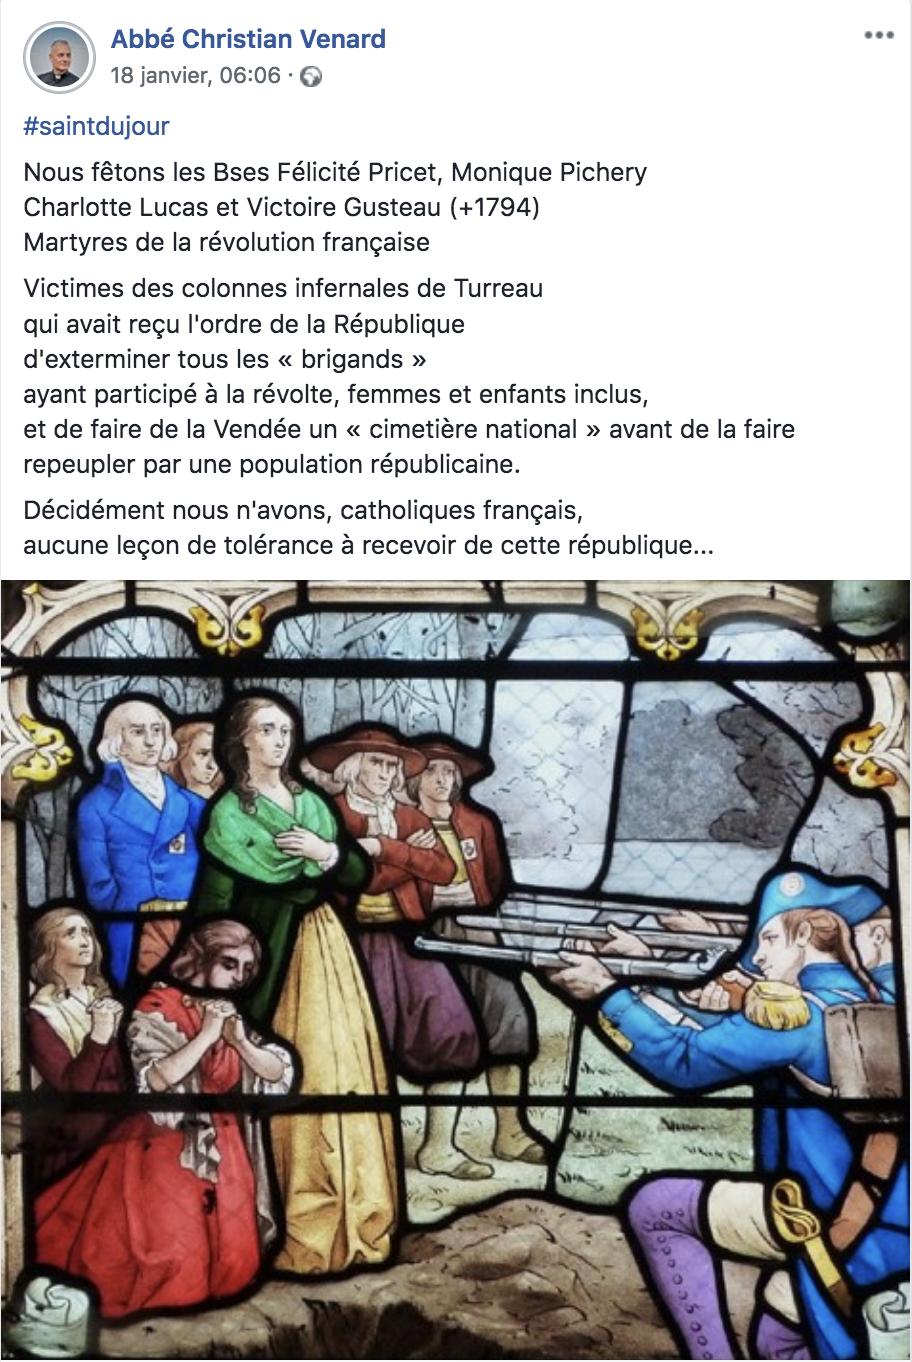 Nous n'avons, catholiques français, aucune leçon de tolérance à recevoir de la République